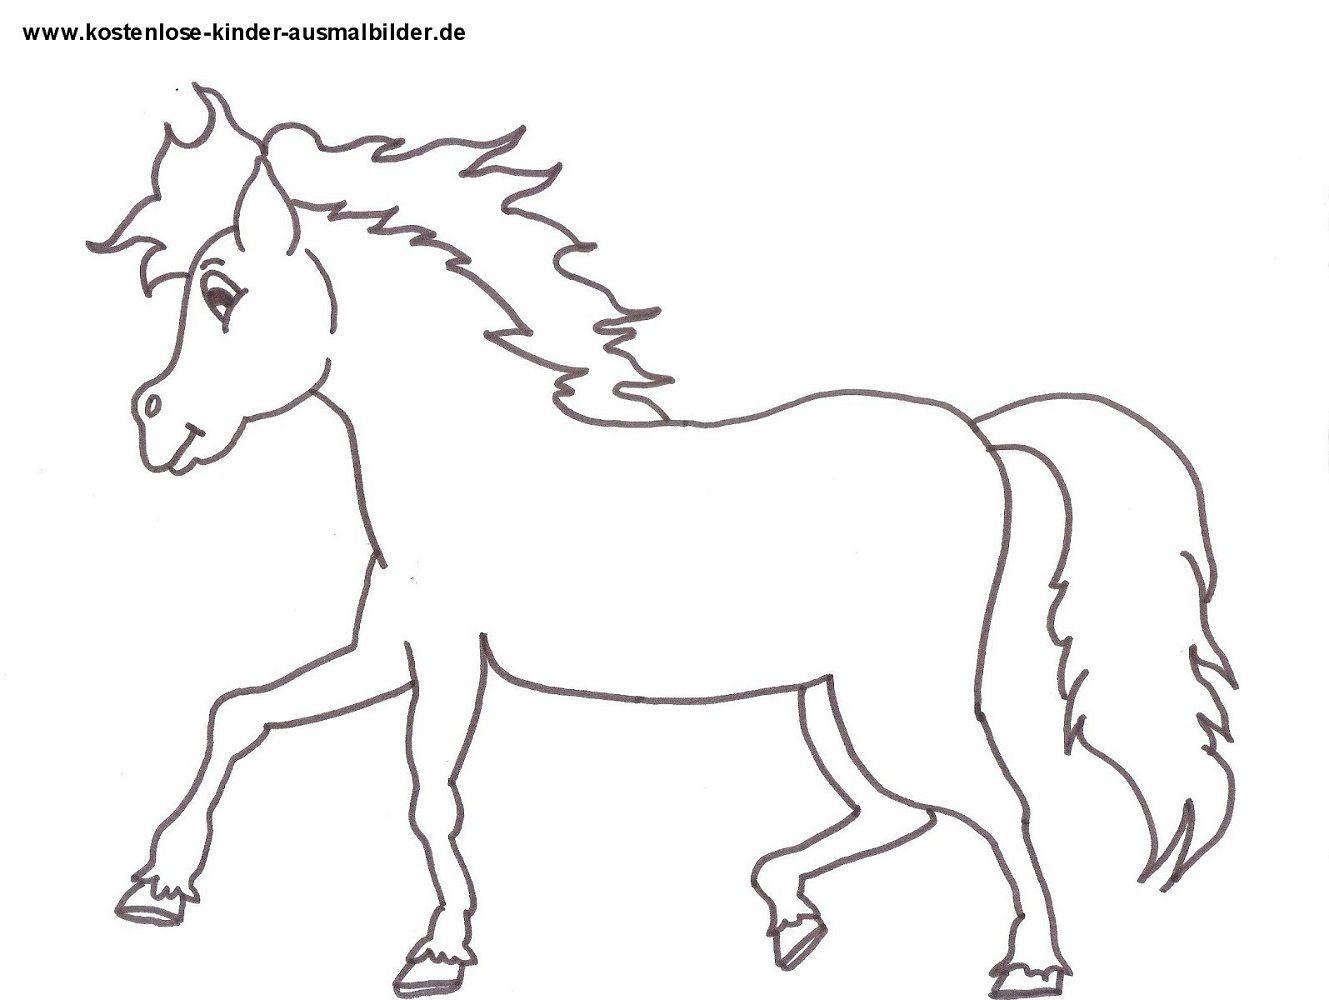 Ausmalbilder Fee Mit Pferd : Ausmalbilder Pferde Gratis Ausmalbilder Pferde Kostenlos Zum